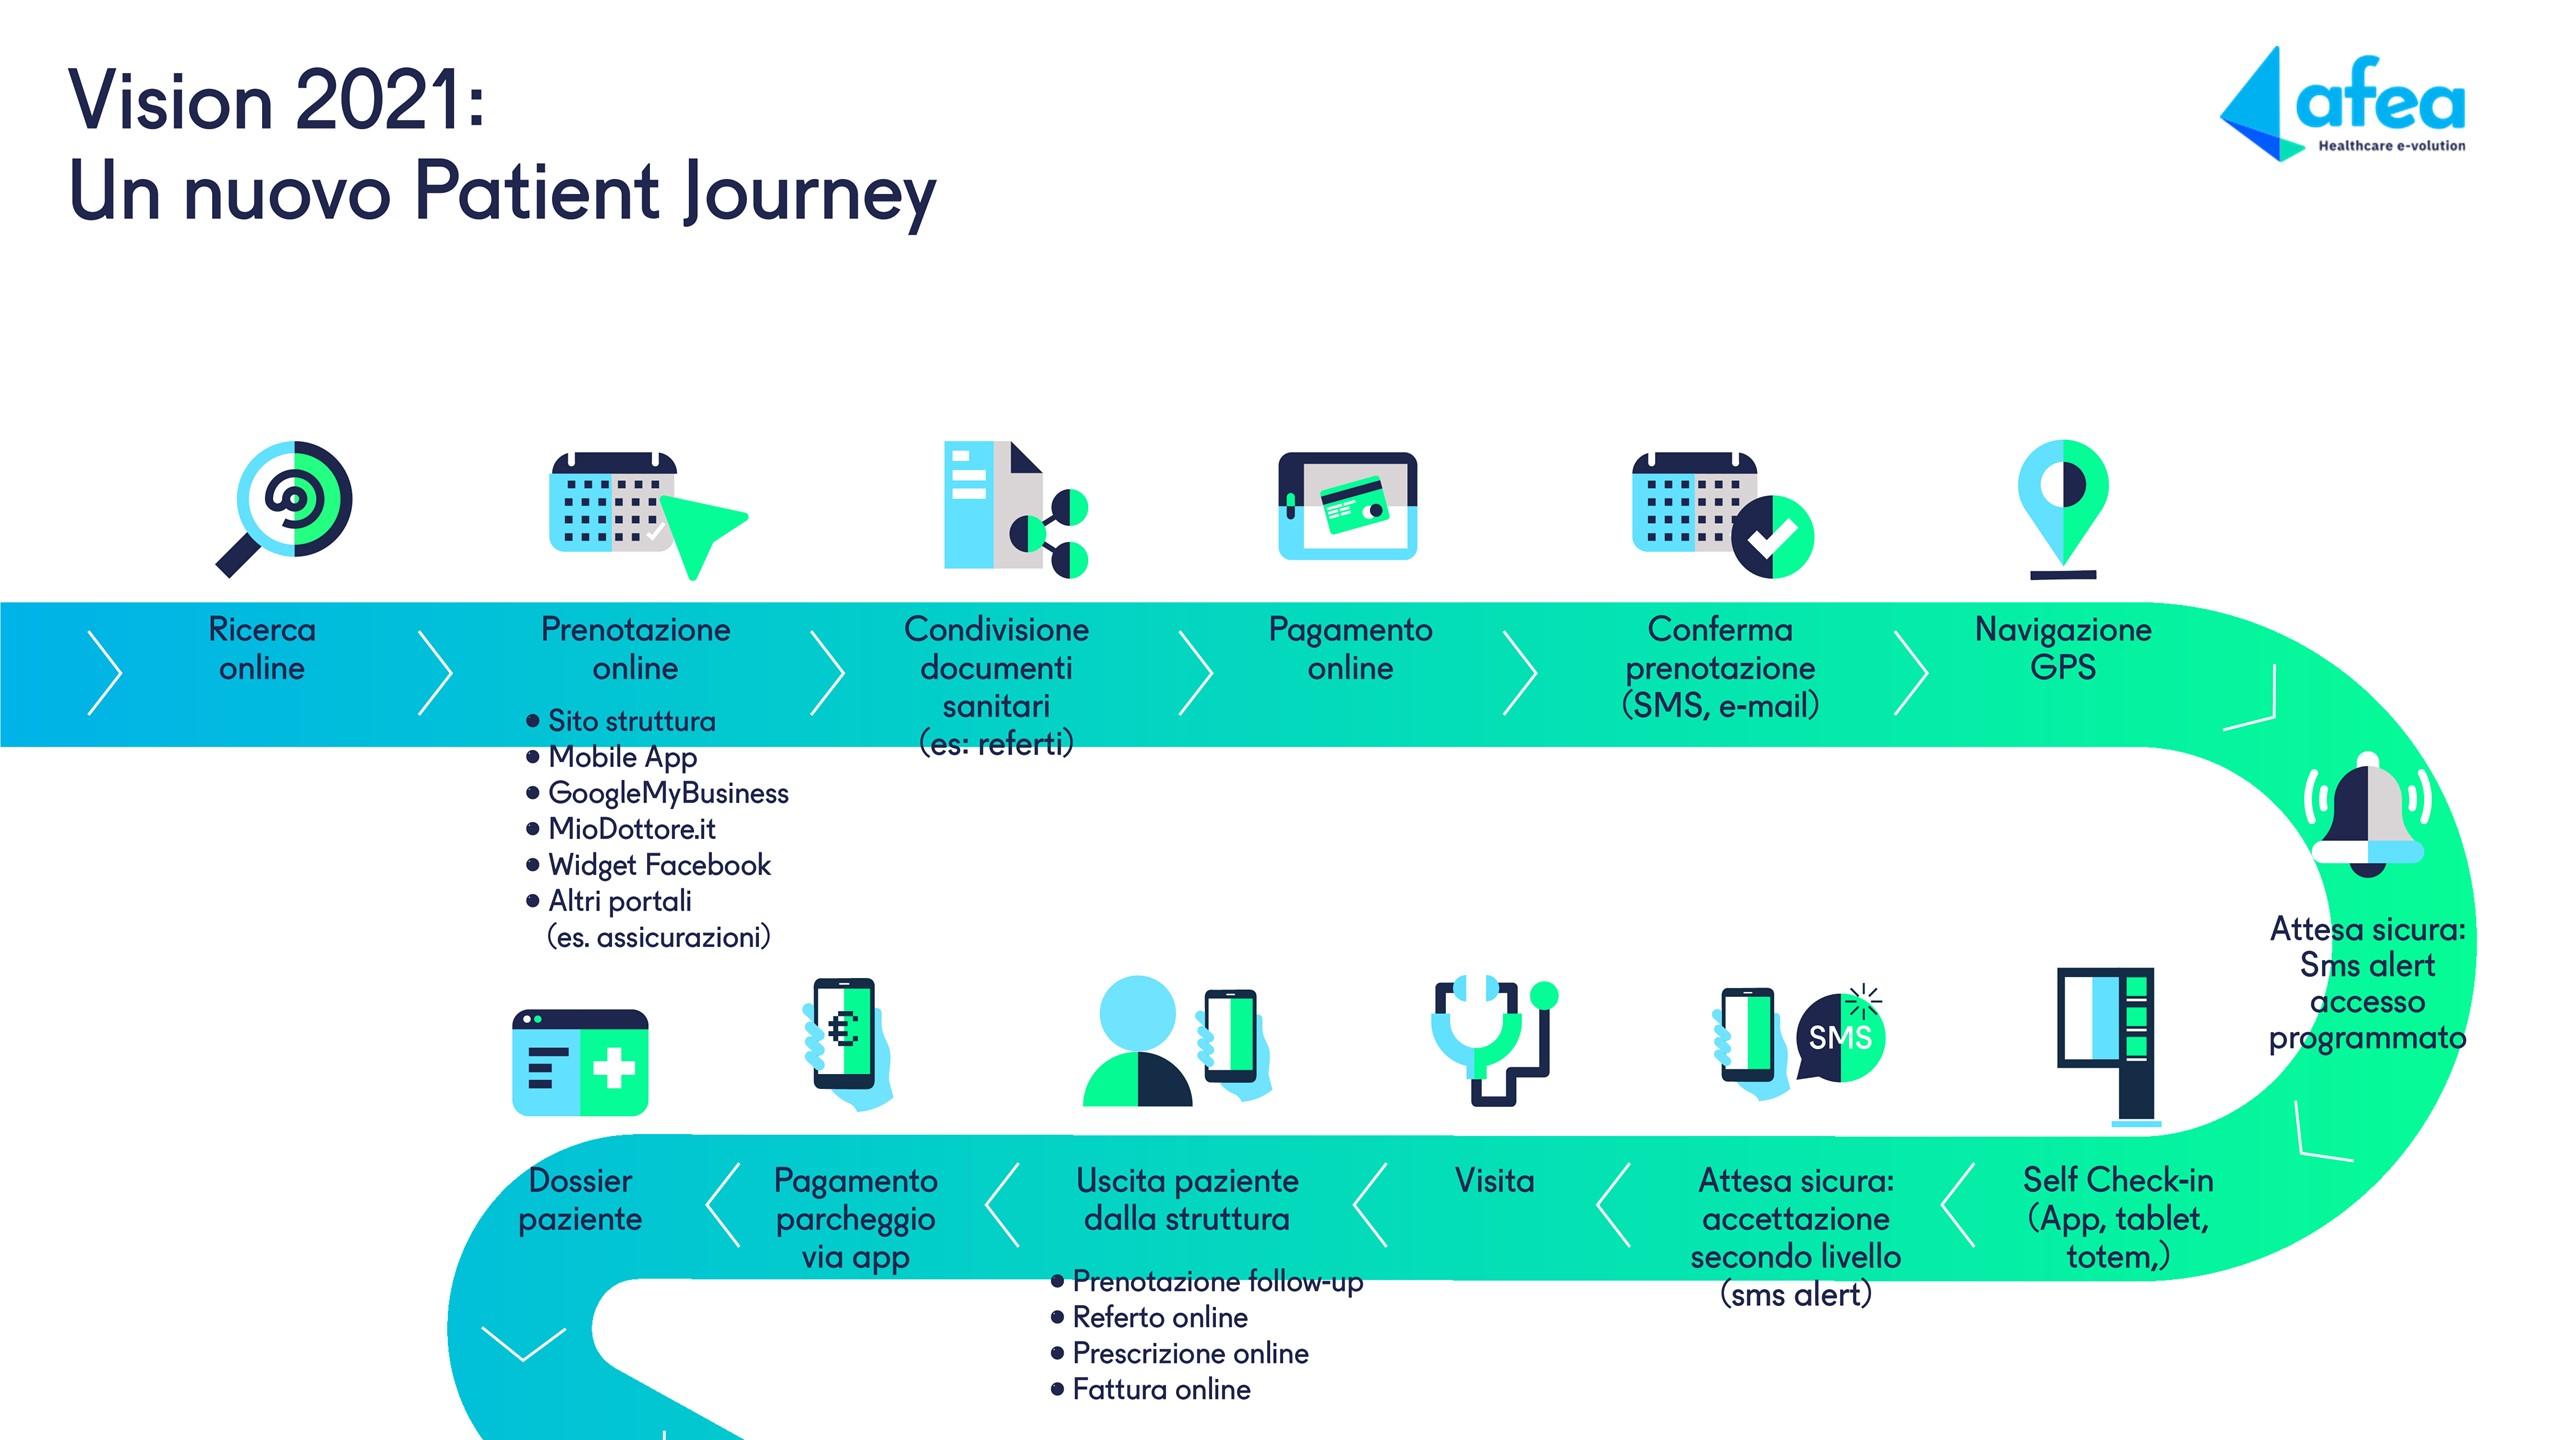 Patient Journey 2.0 - Afea